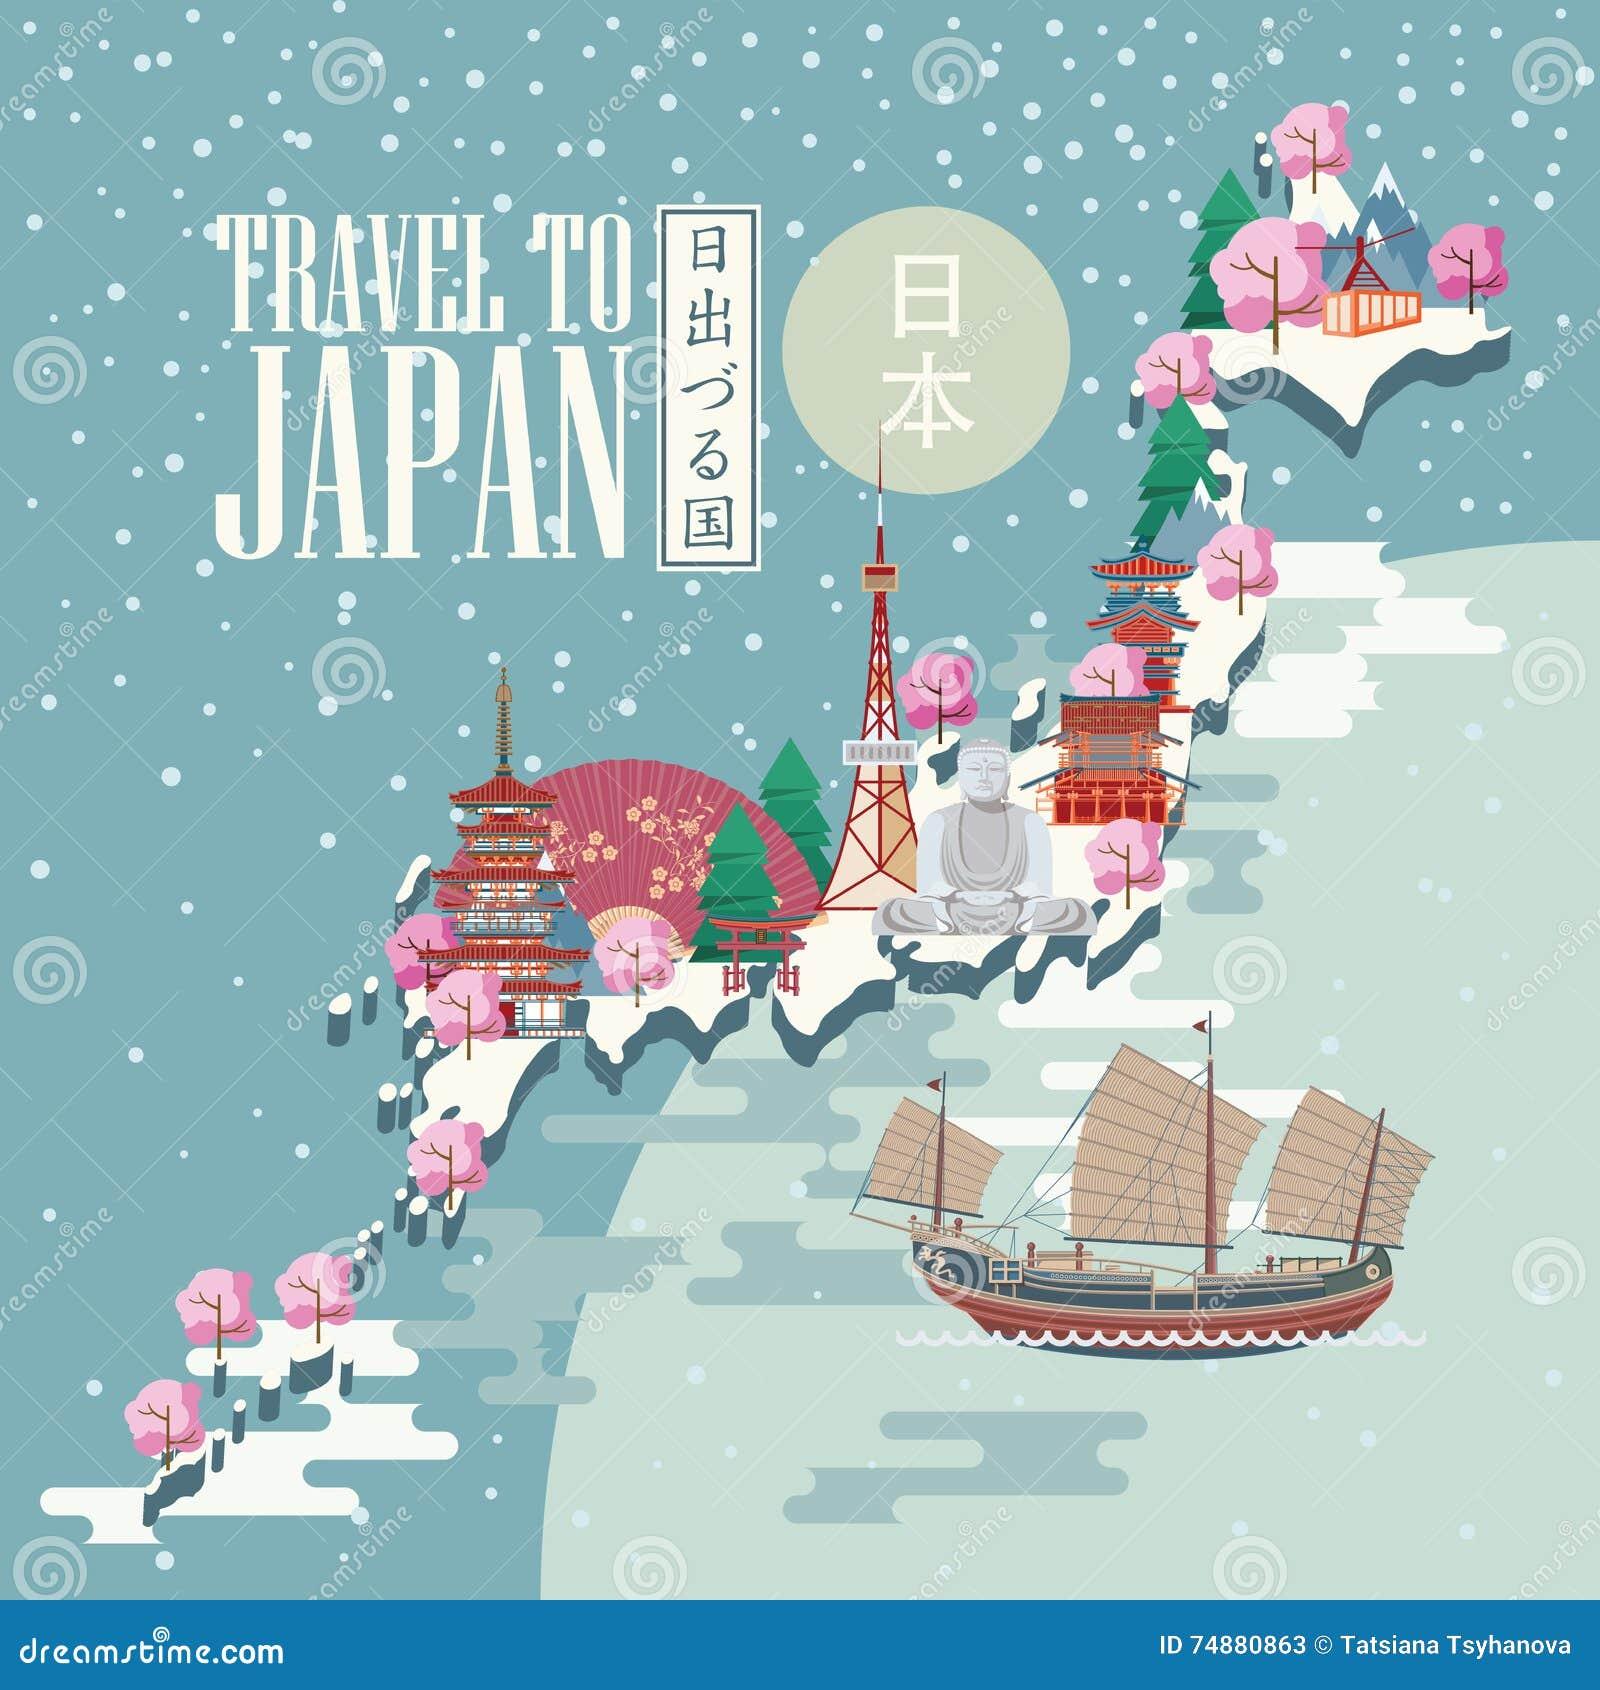 Cartaz do curso de Japão com mapa da neve - viaje a Japão